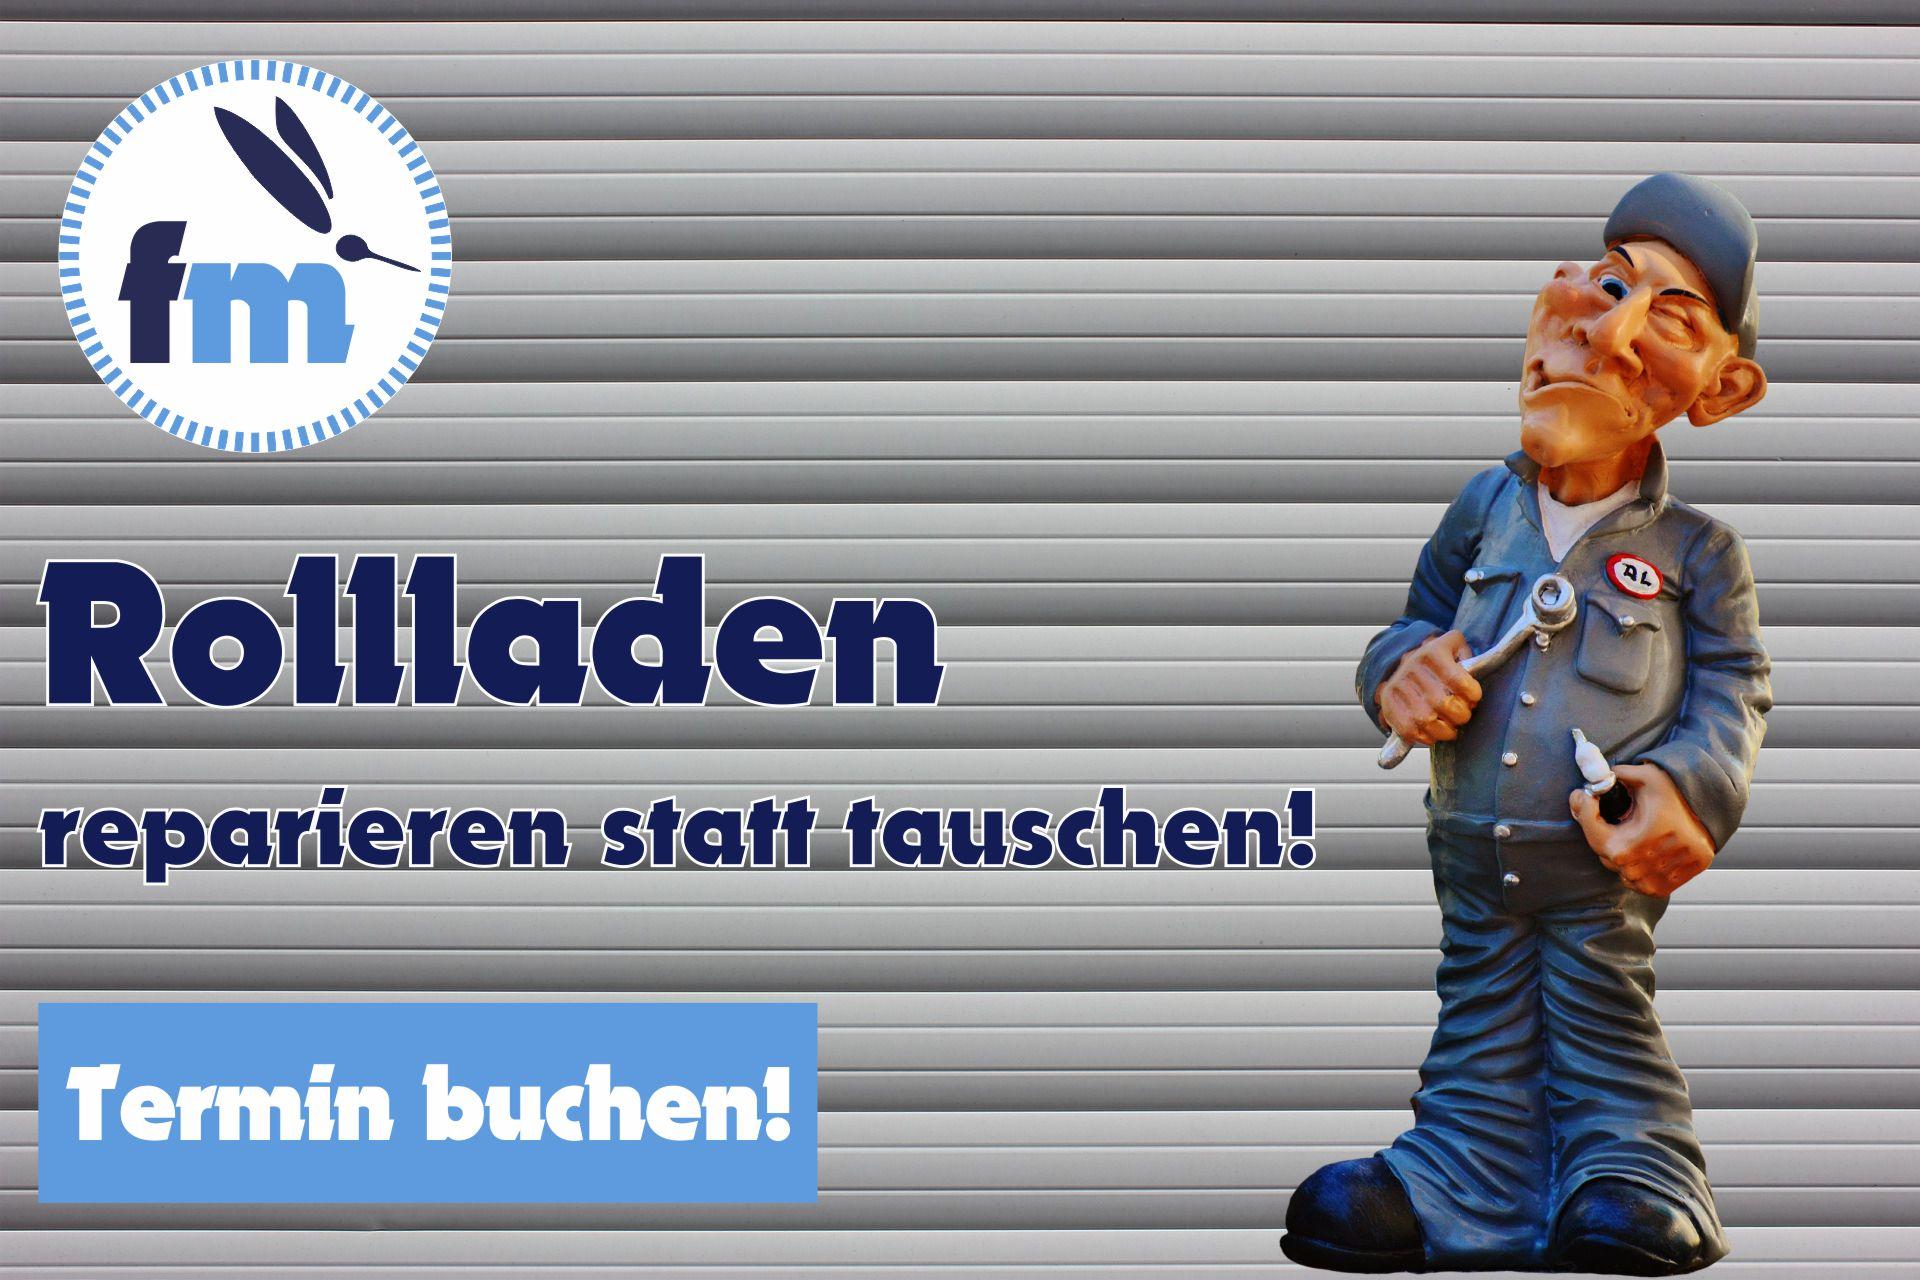 Rollladendoktor - Fensterdoktor Fenster und Türen | Schellenberg-Professional |fliegengittermacher.de